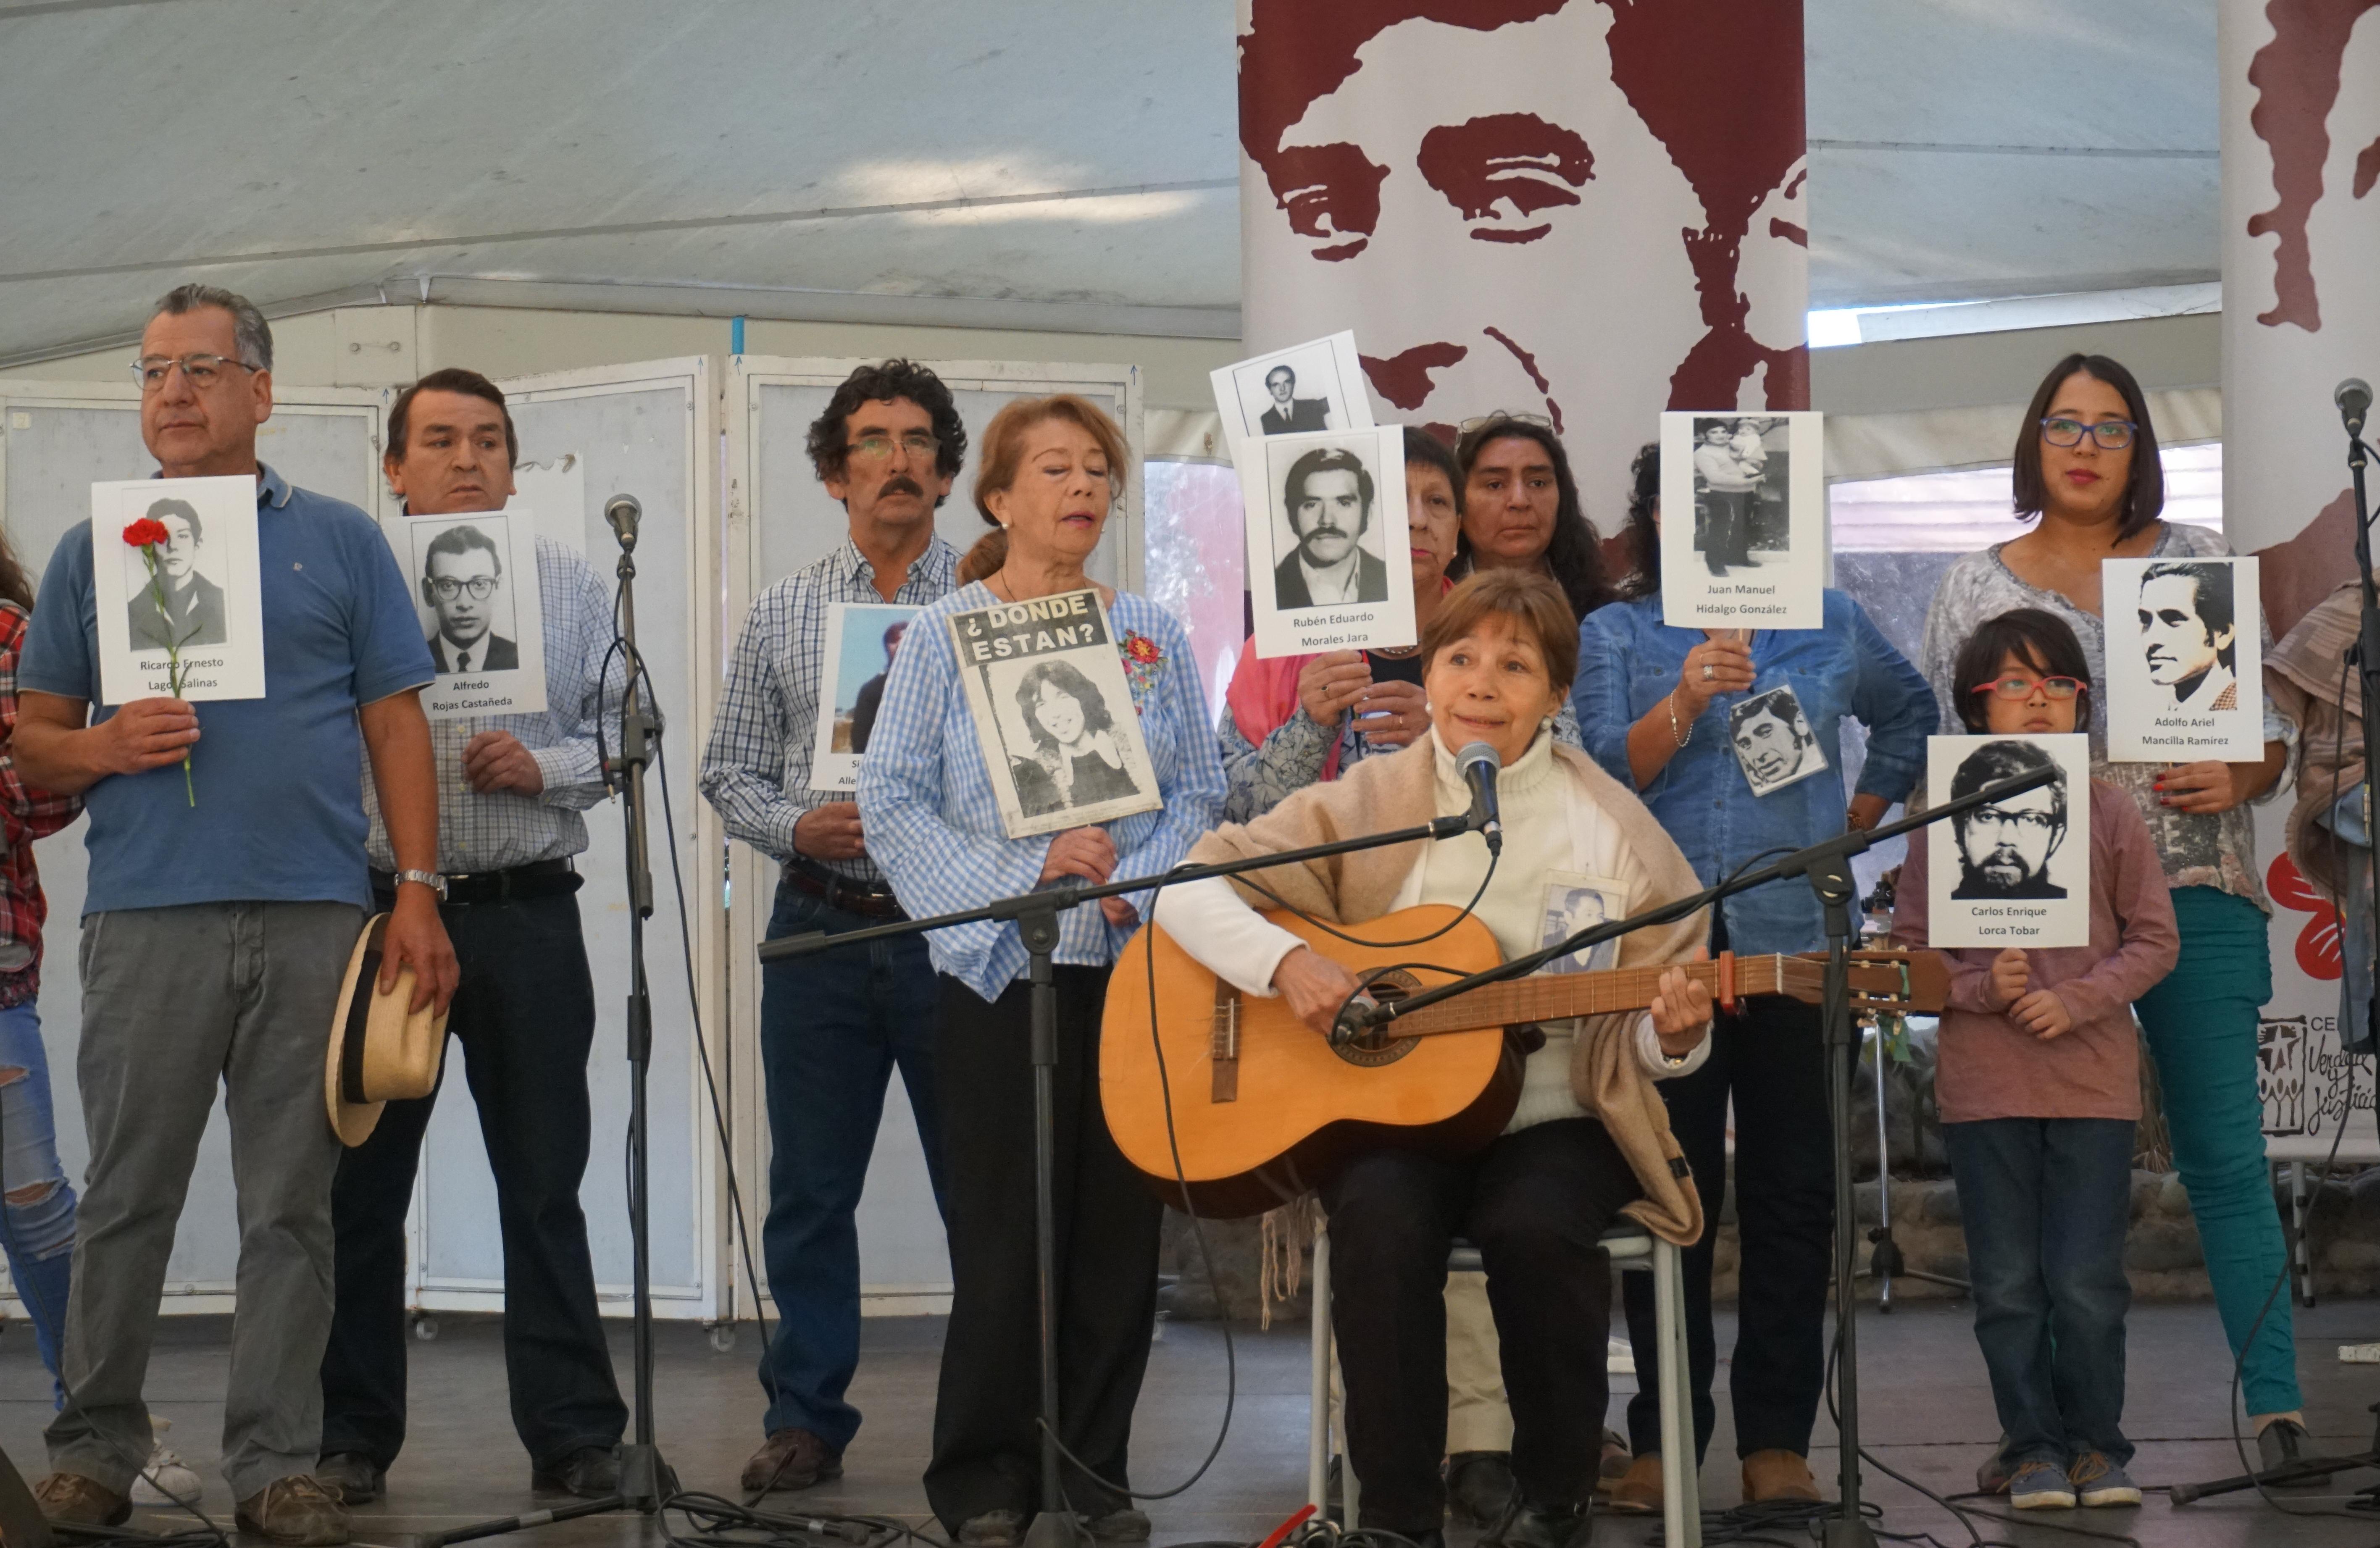 Acto conmemorativo a Juan Hernández, Luis Muñoz y Manuel Tamayo en Villa Grimaldi, evocó su ejemplo frente a las condiciones adversas del presente